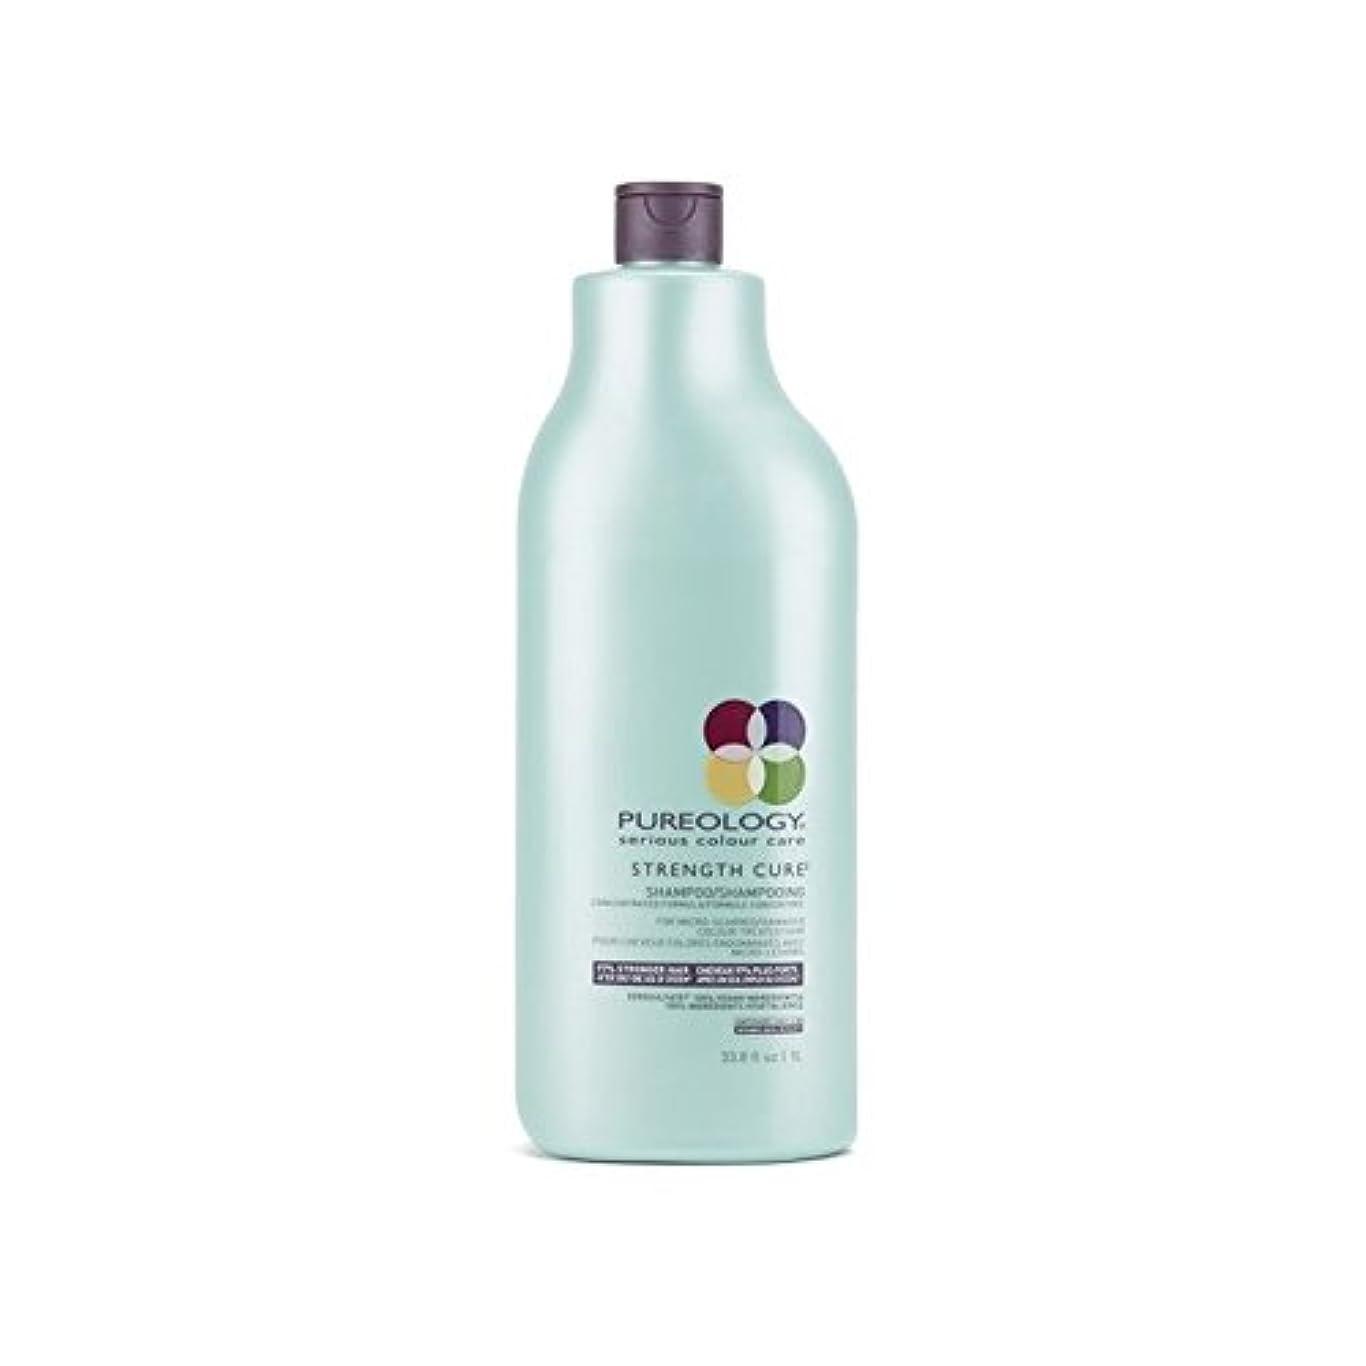 パテ正気気配りのある強度硬化シャンプー(千ミリリットル) x4 - Pureology Strength Cure Shampoo (1000ml) (Pack of 4) [並行輸入品]